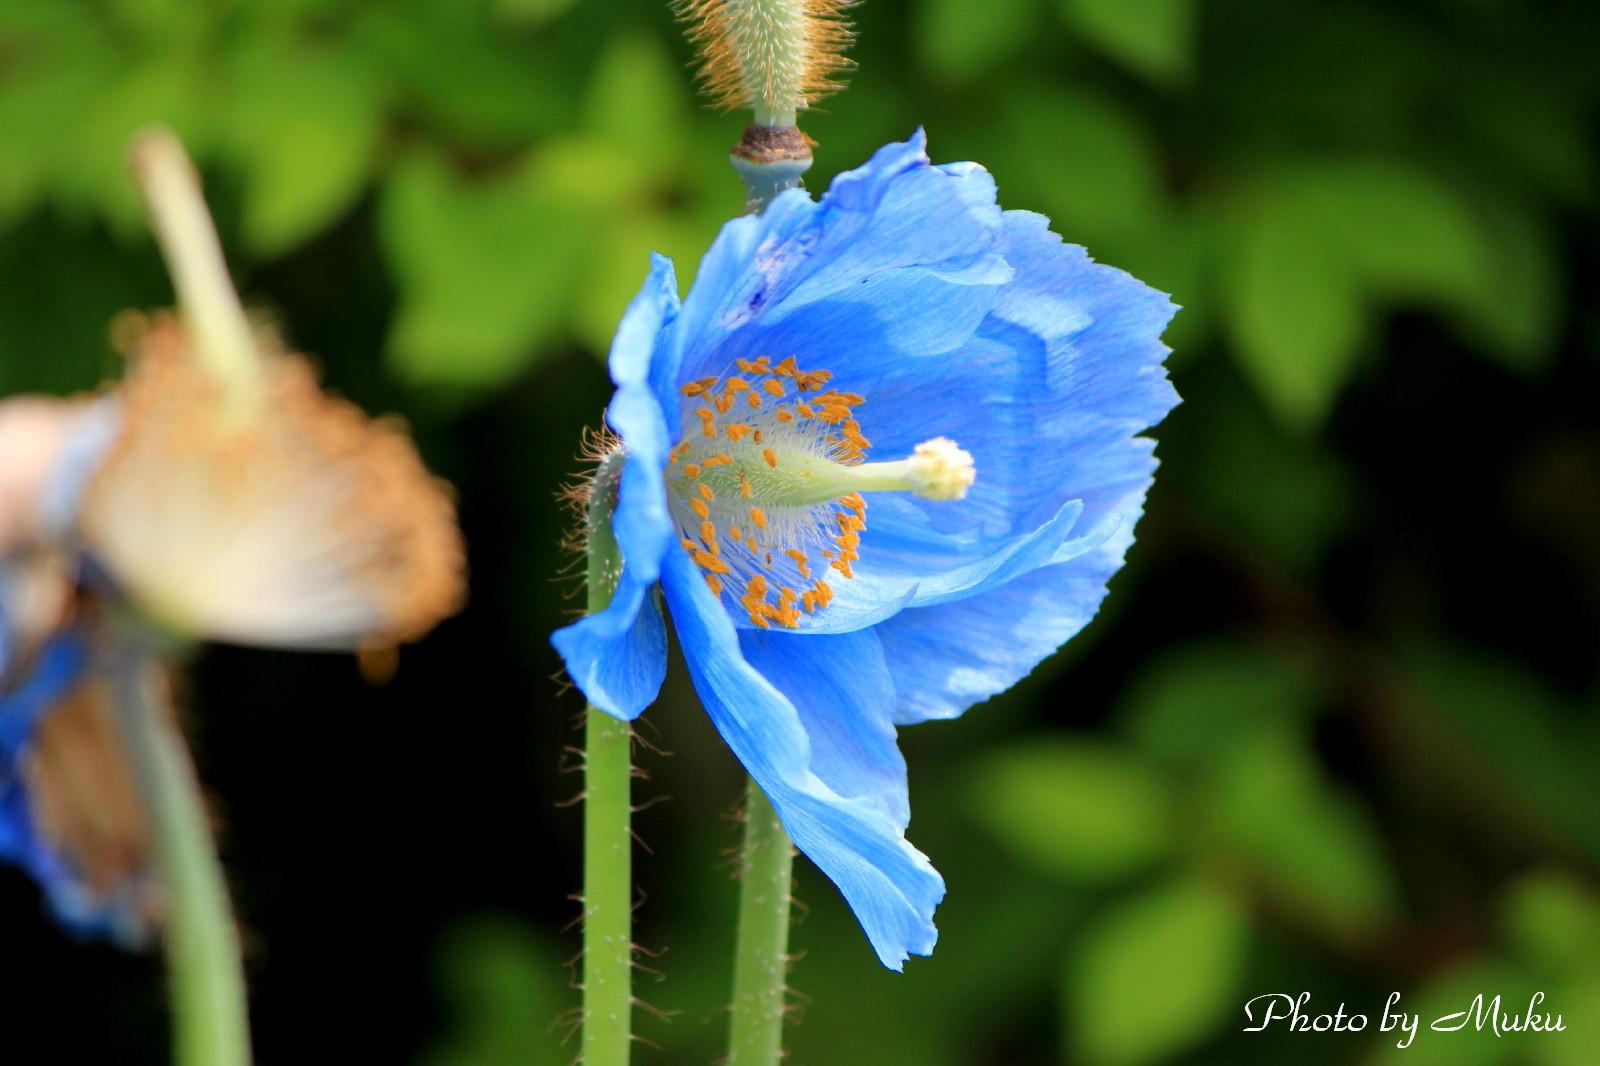 2014/06/04  ヒマラヤの青い芥子 (箱根湿生花園:神奈川県横足柄下郡箱根町)